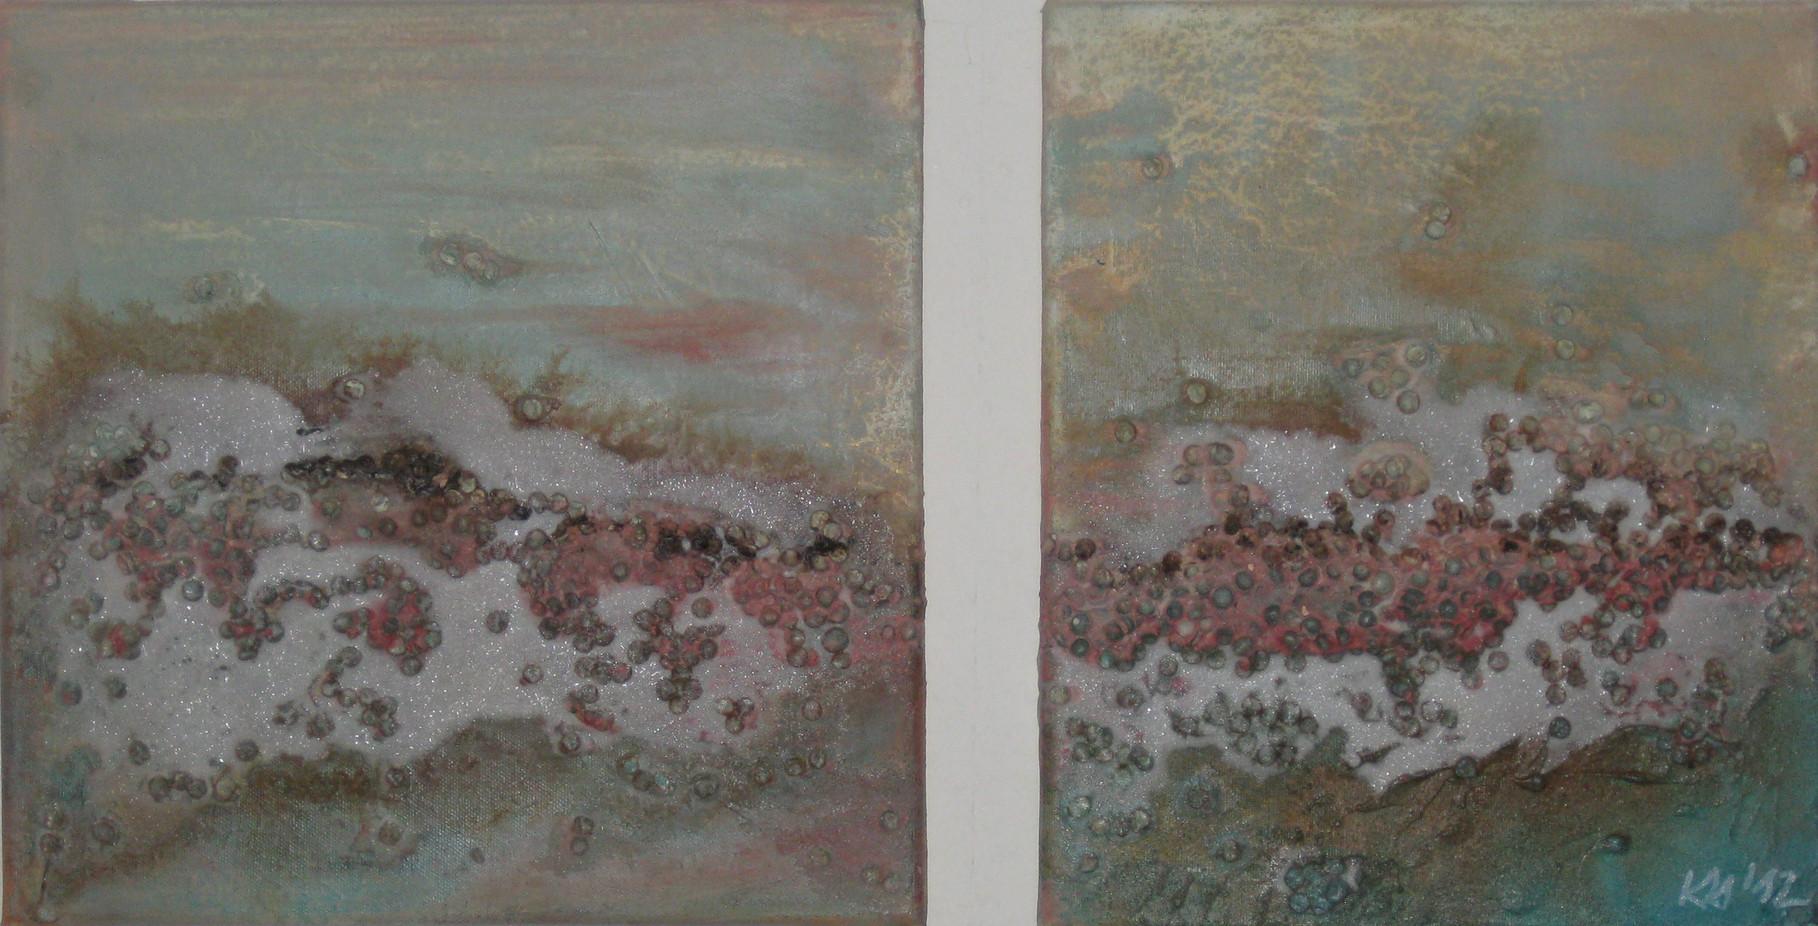 """2012-13 / """"Der Fluss"""" / Eine Komposition aus 2 Bildern 40 x 40 cm und 40 x 30 cm"""